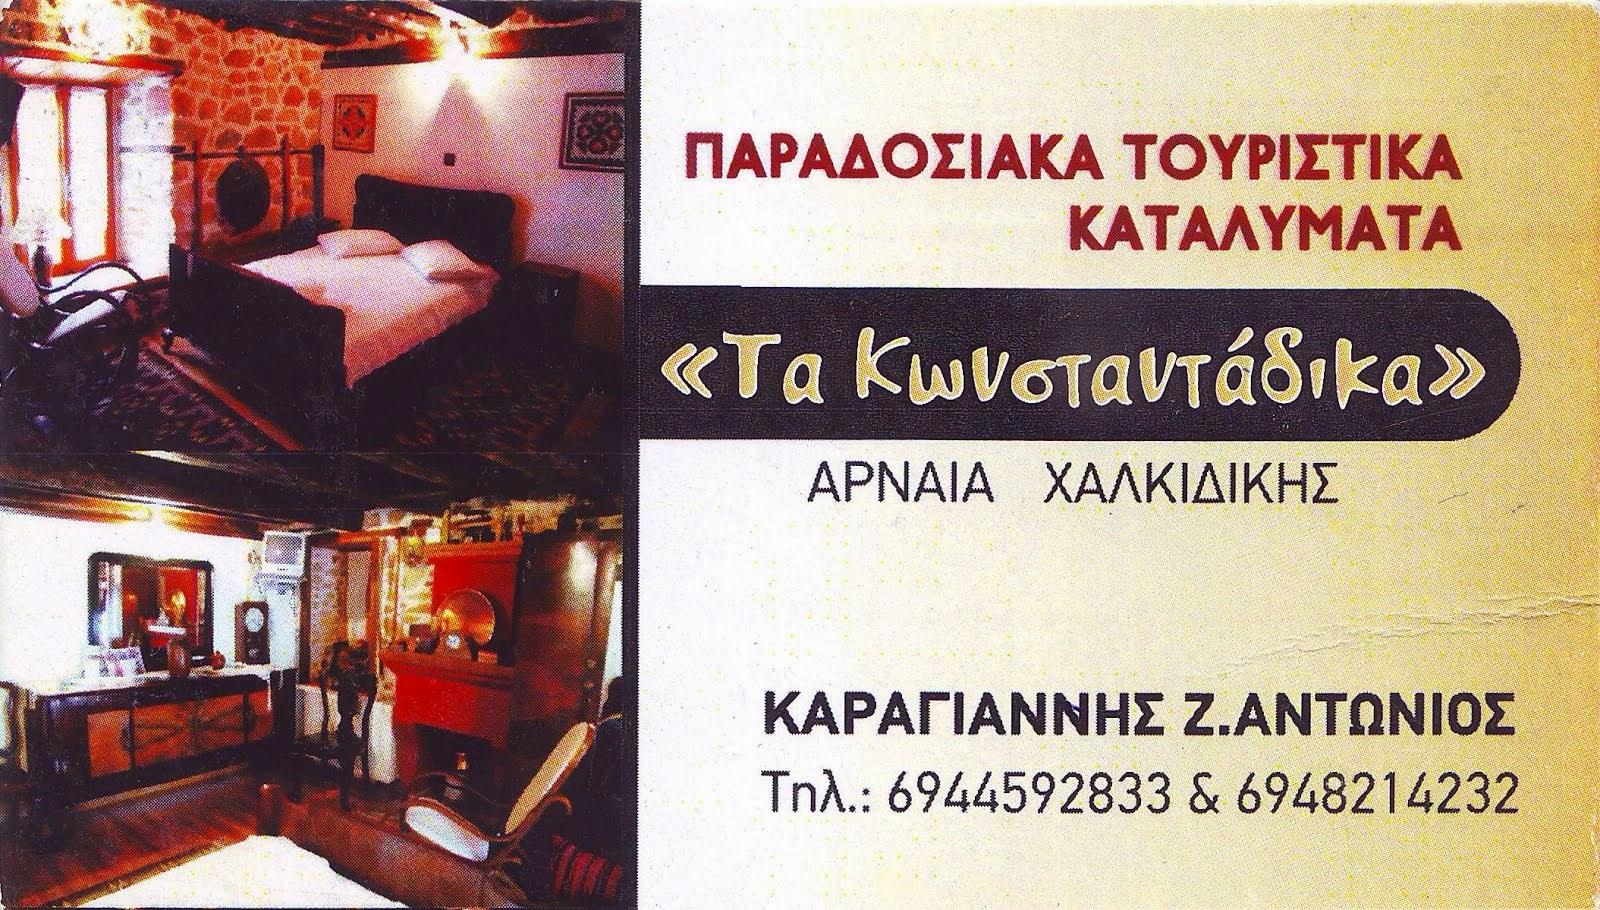 """Παραδοσιακά Τουριστικά Καταλύματα """"Τα Κωνσταντάδικα"""""""